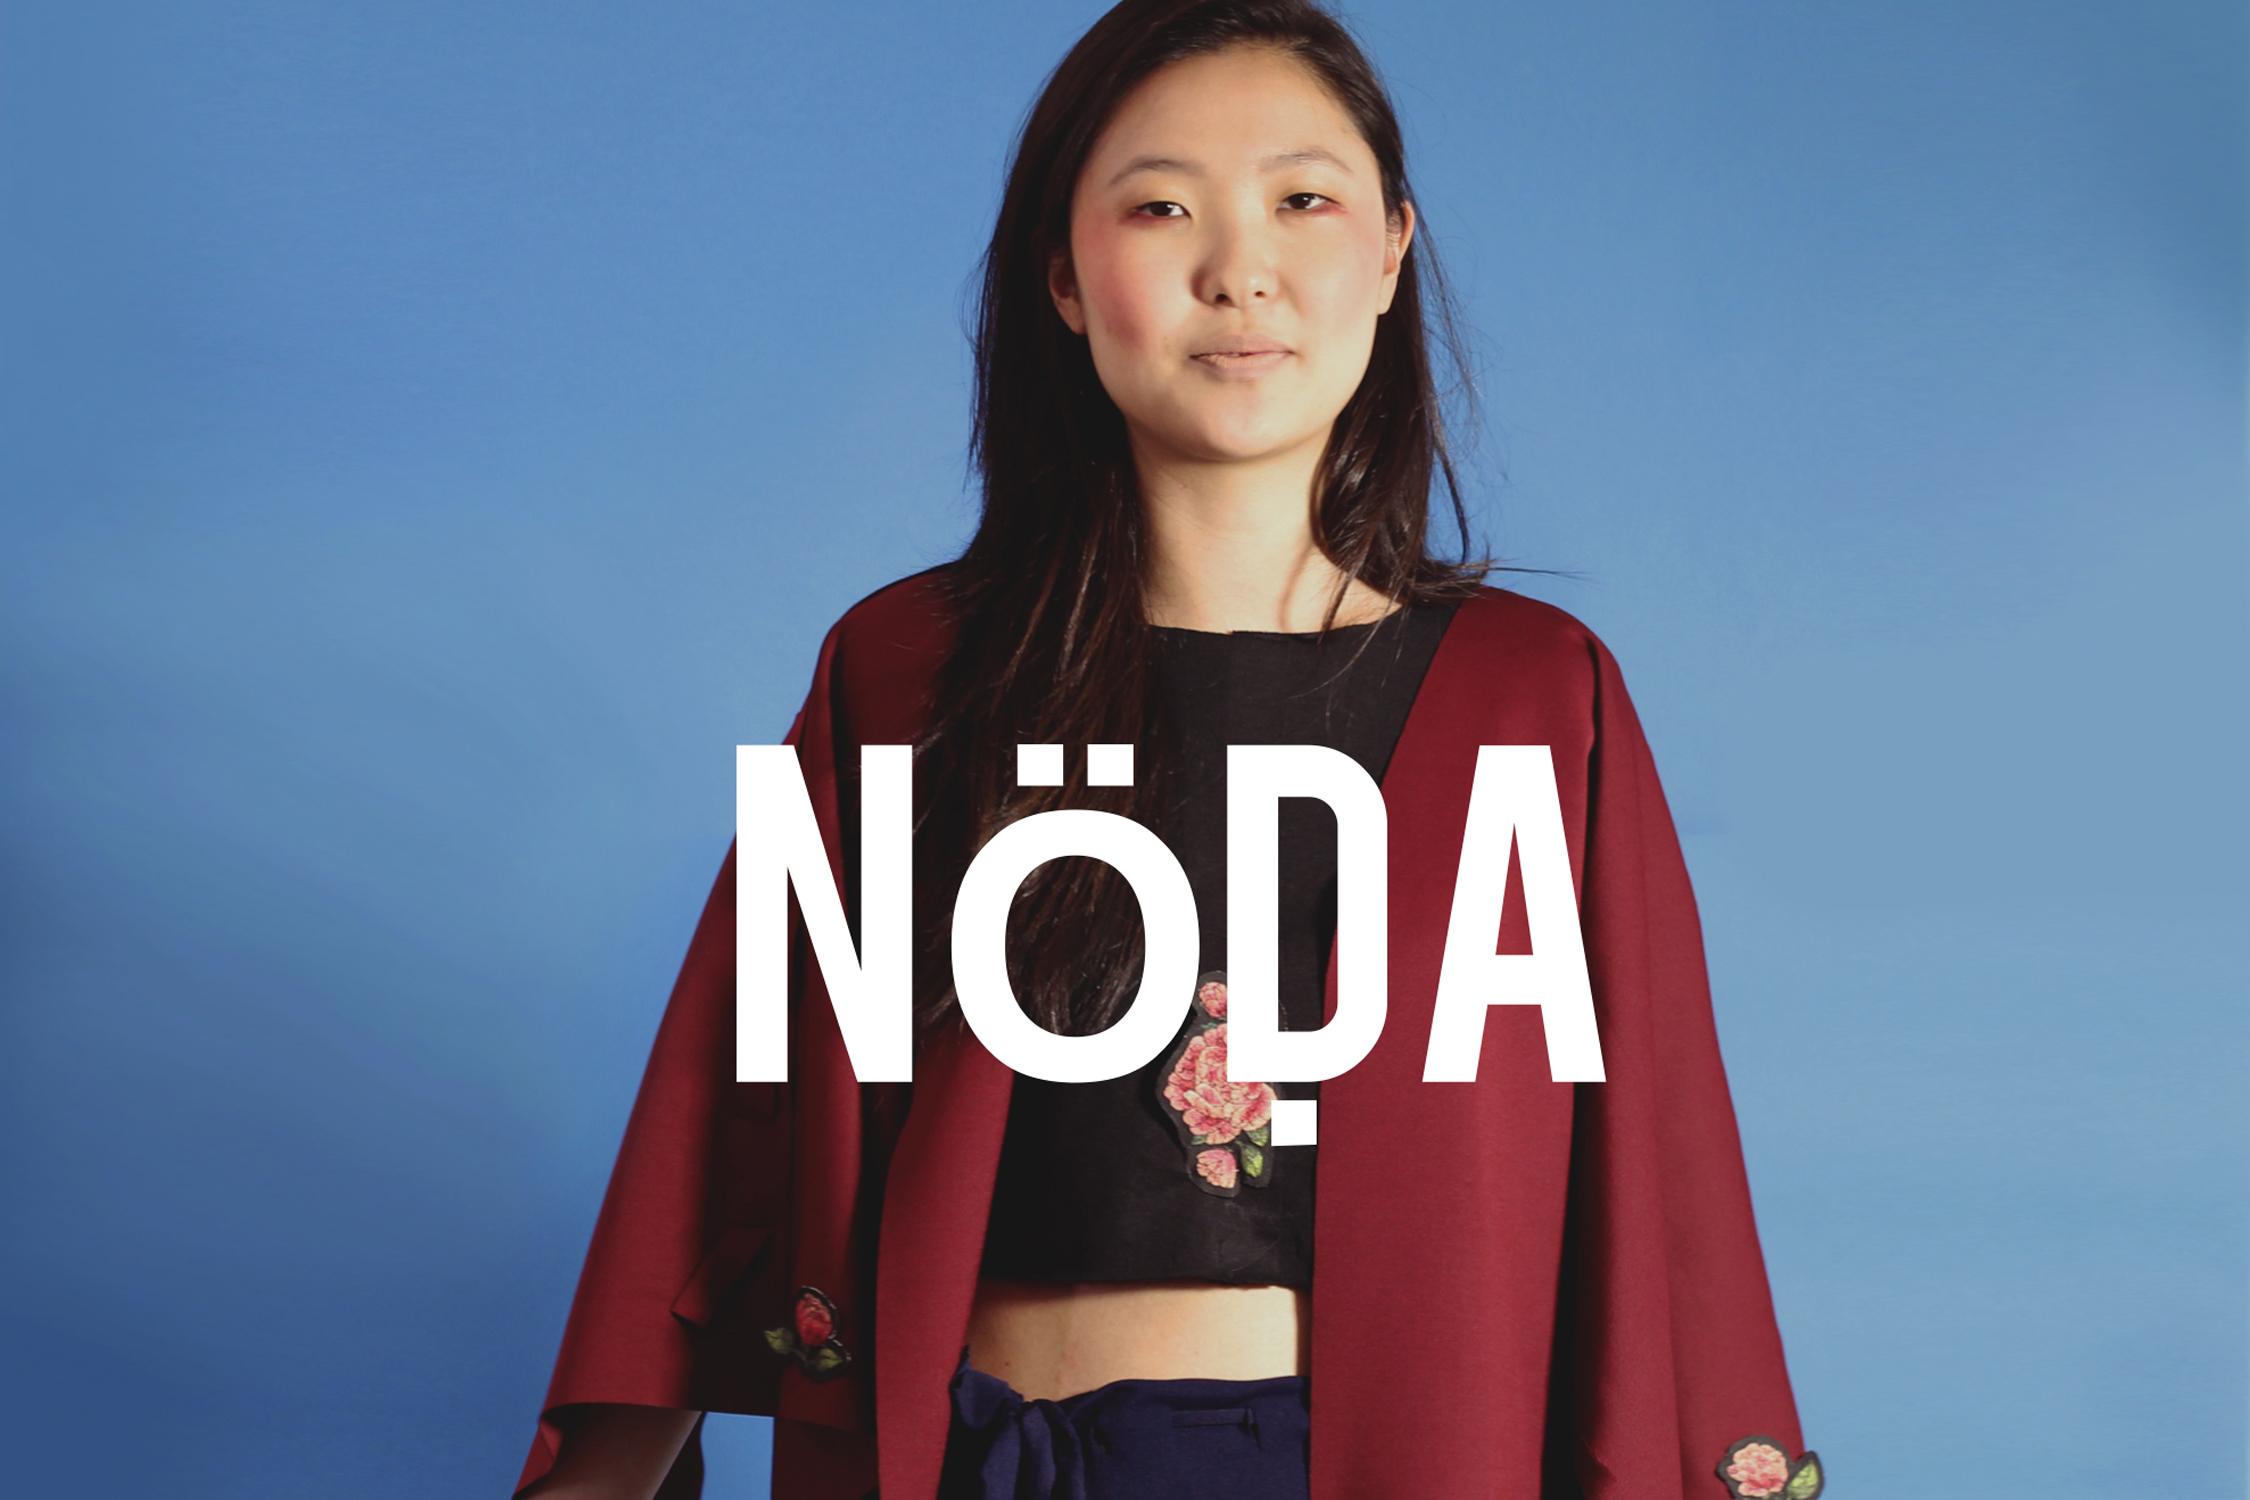 noda_6.jpg